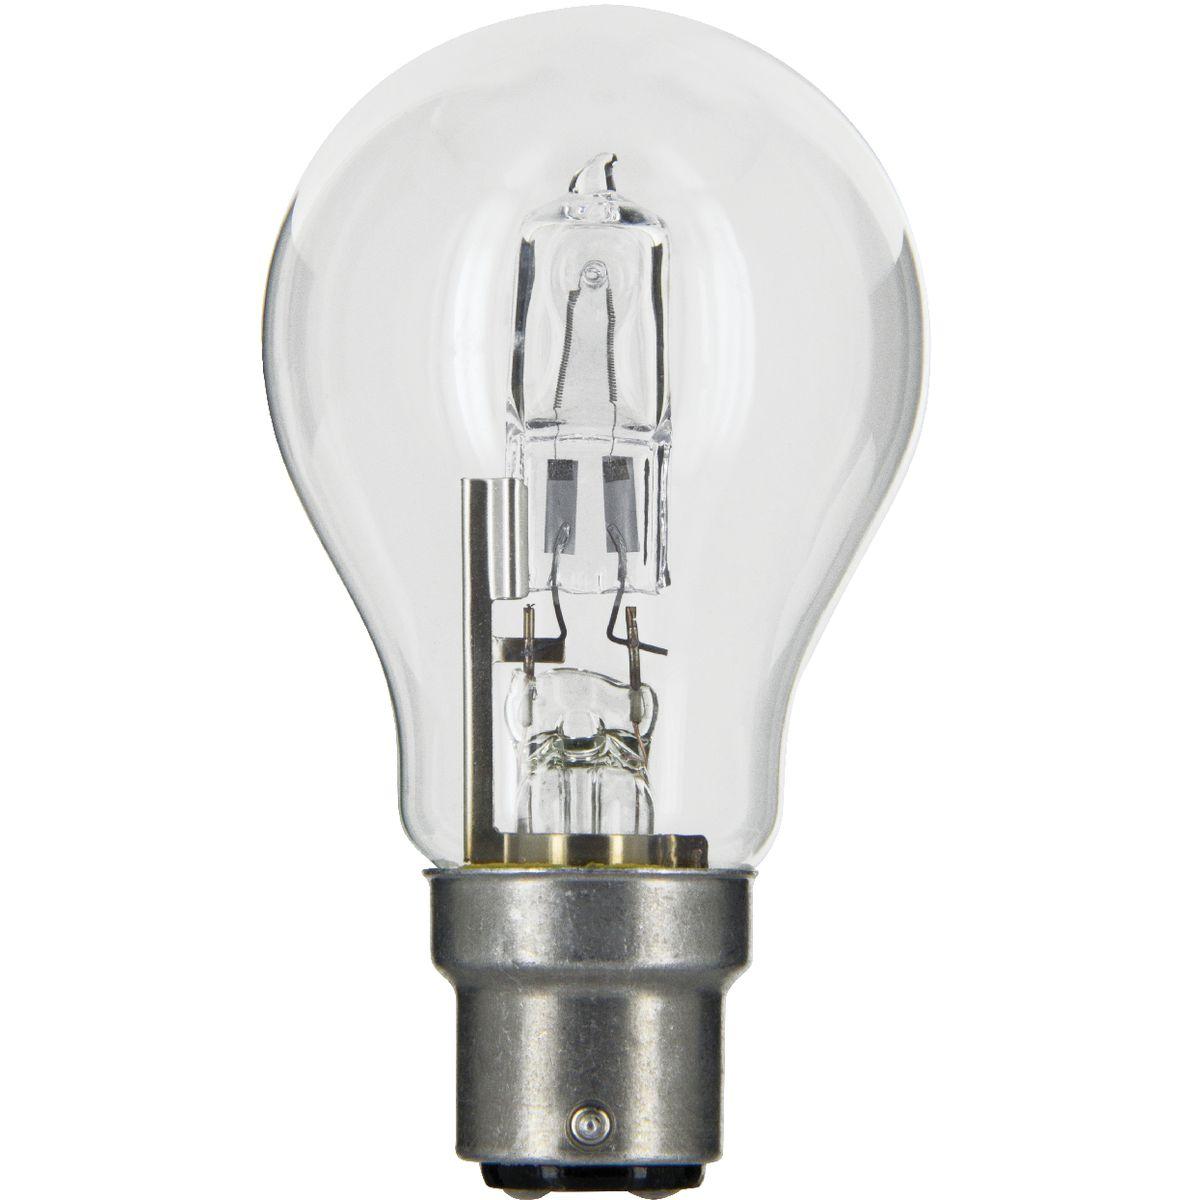 ampoule co halog ne standard b22 dhome 20 w de ampoule co halog ne. Black Bedroom Furniture Sets. Home Design Ideas